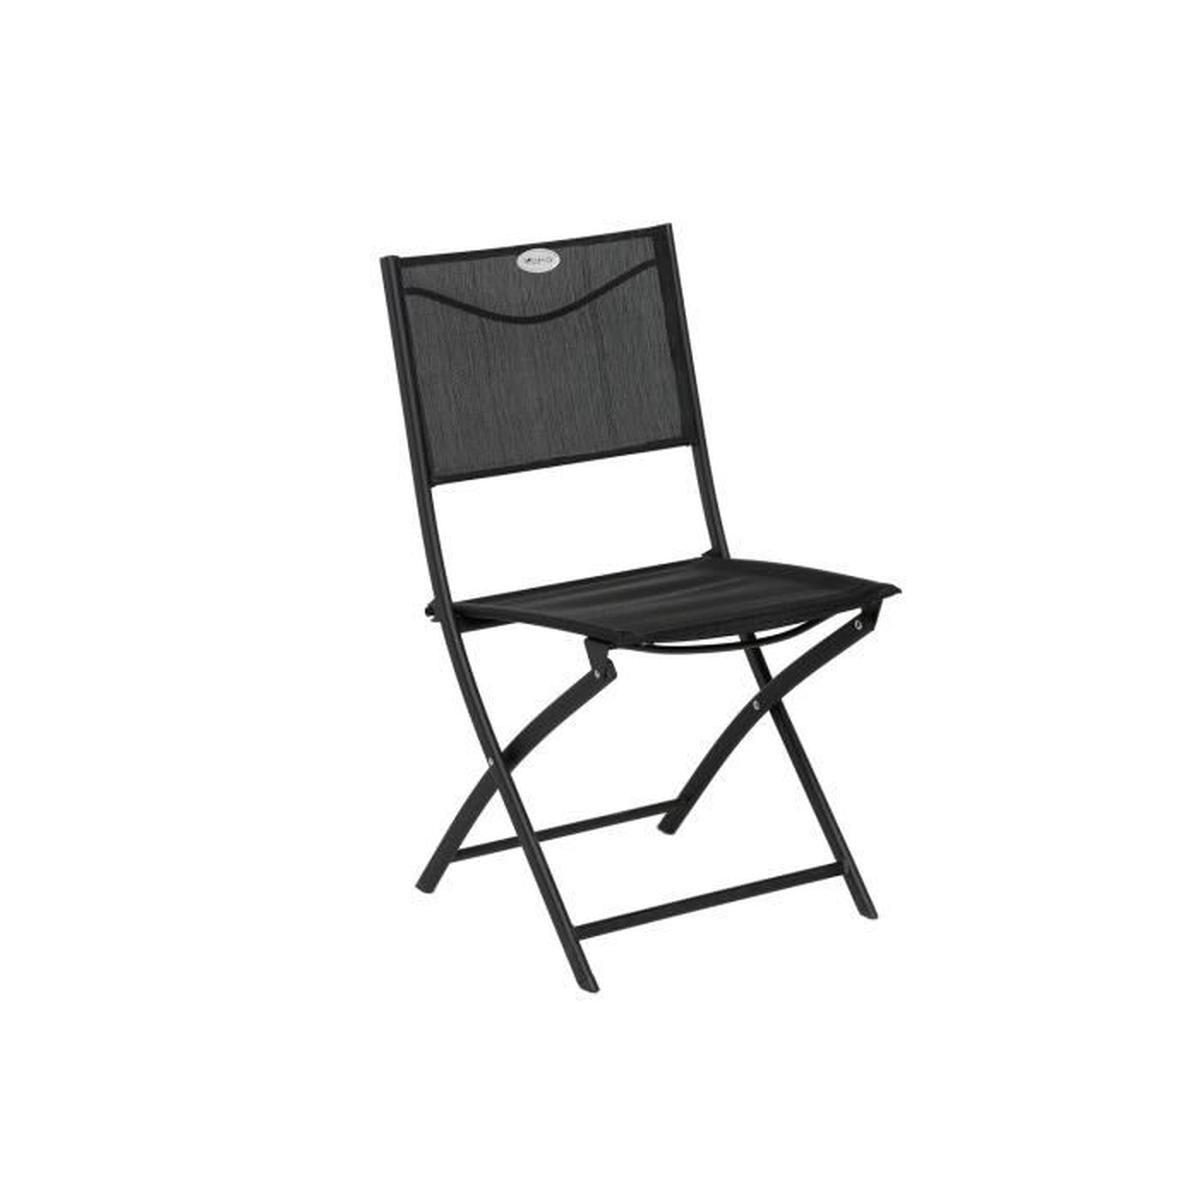 Chaise Pliante Les Compatibles - Noir - Achat / Vente ... pour Chaise De Jardin Hesperide